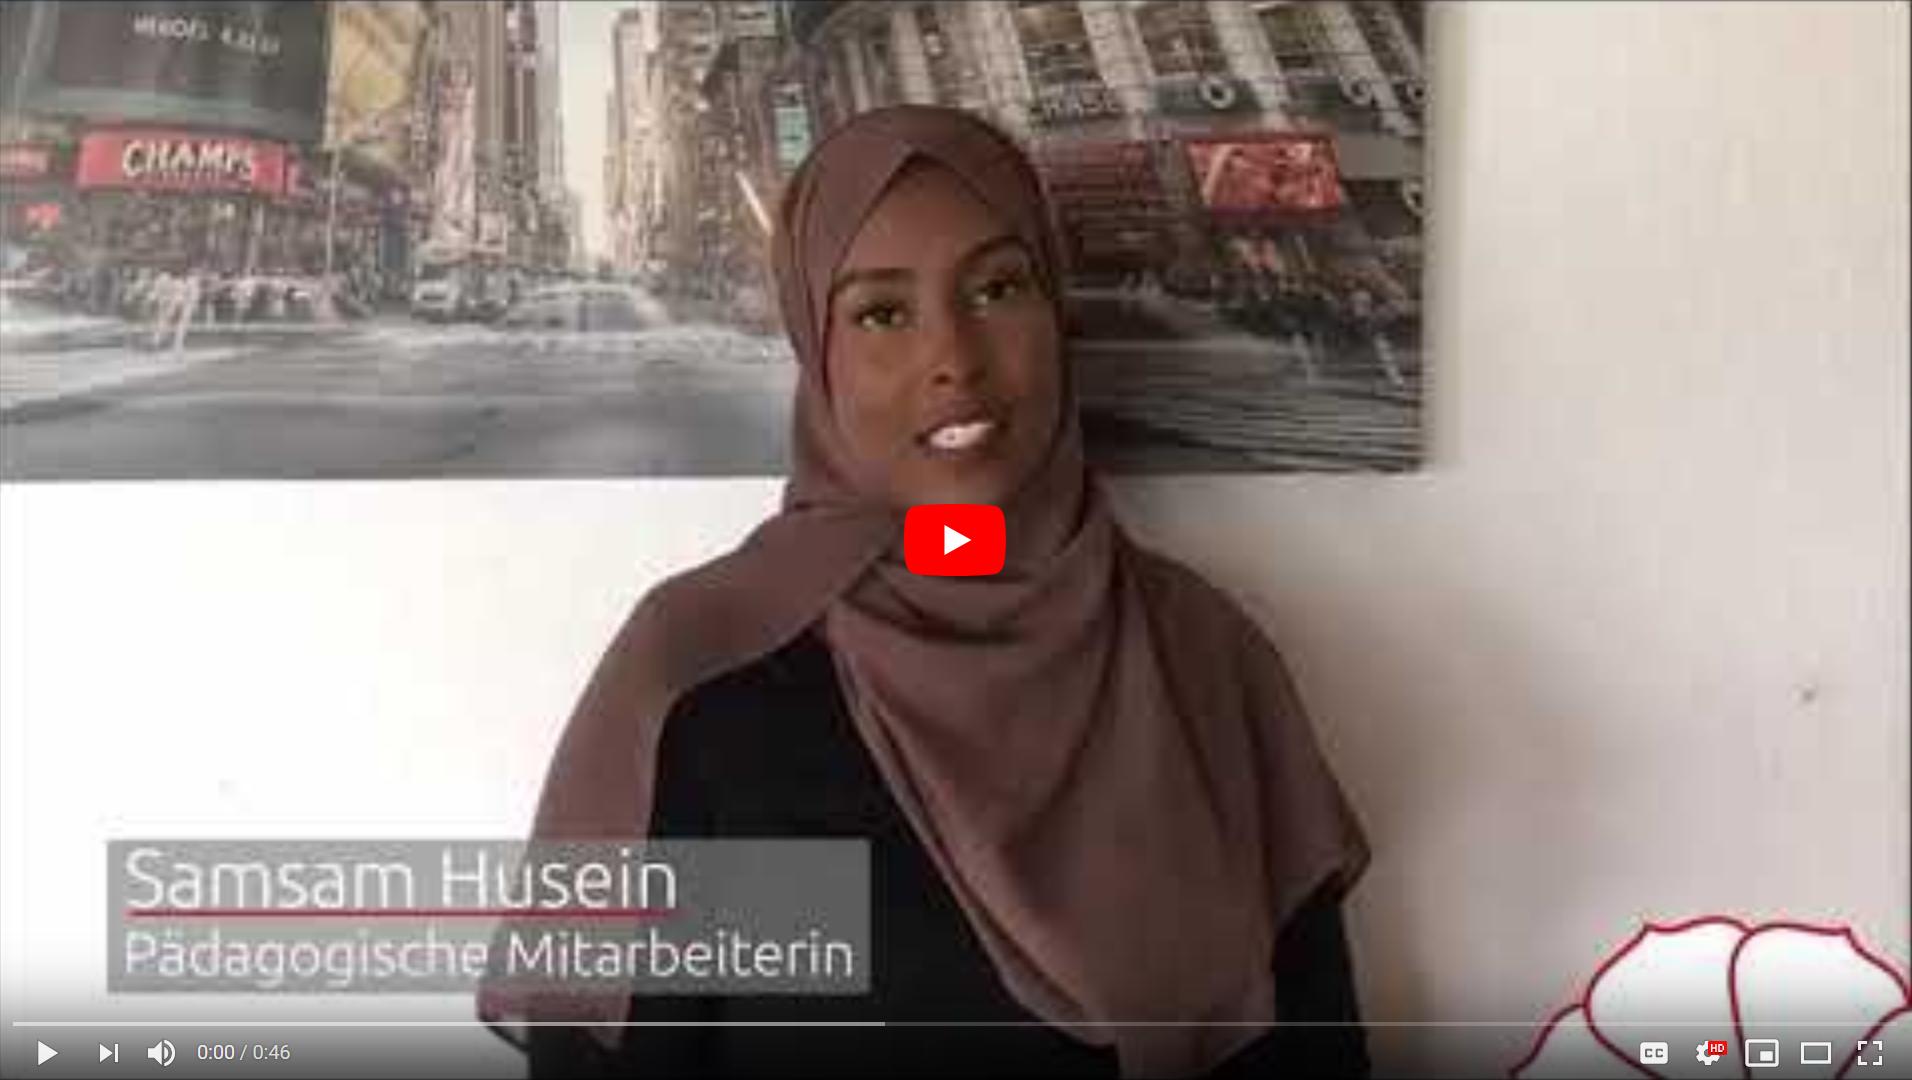 DPT 2020 Youtube Video mit Samsam Husein